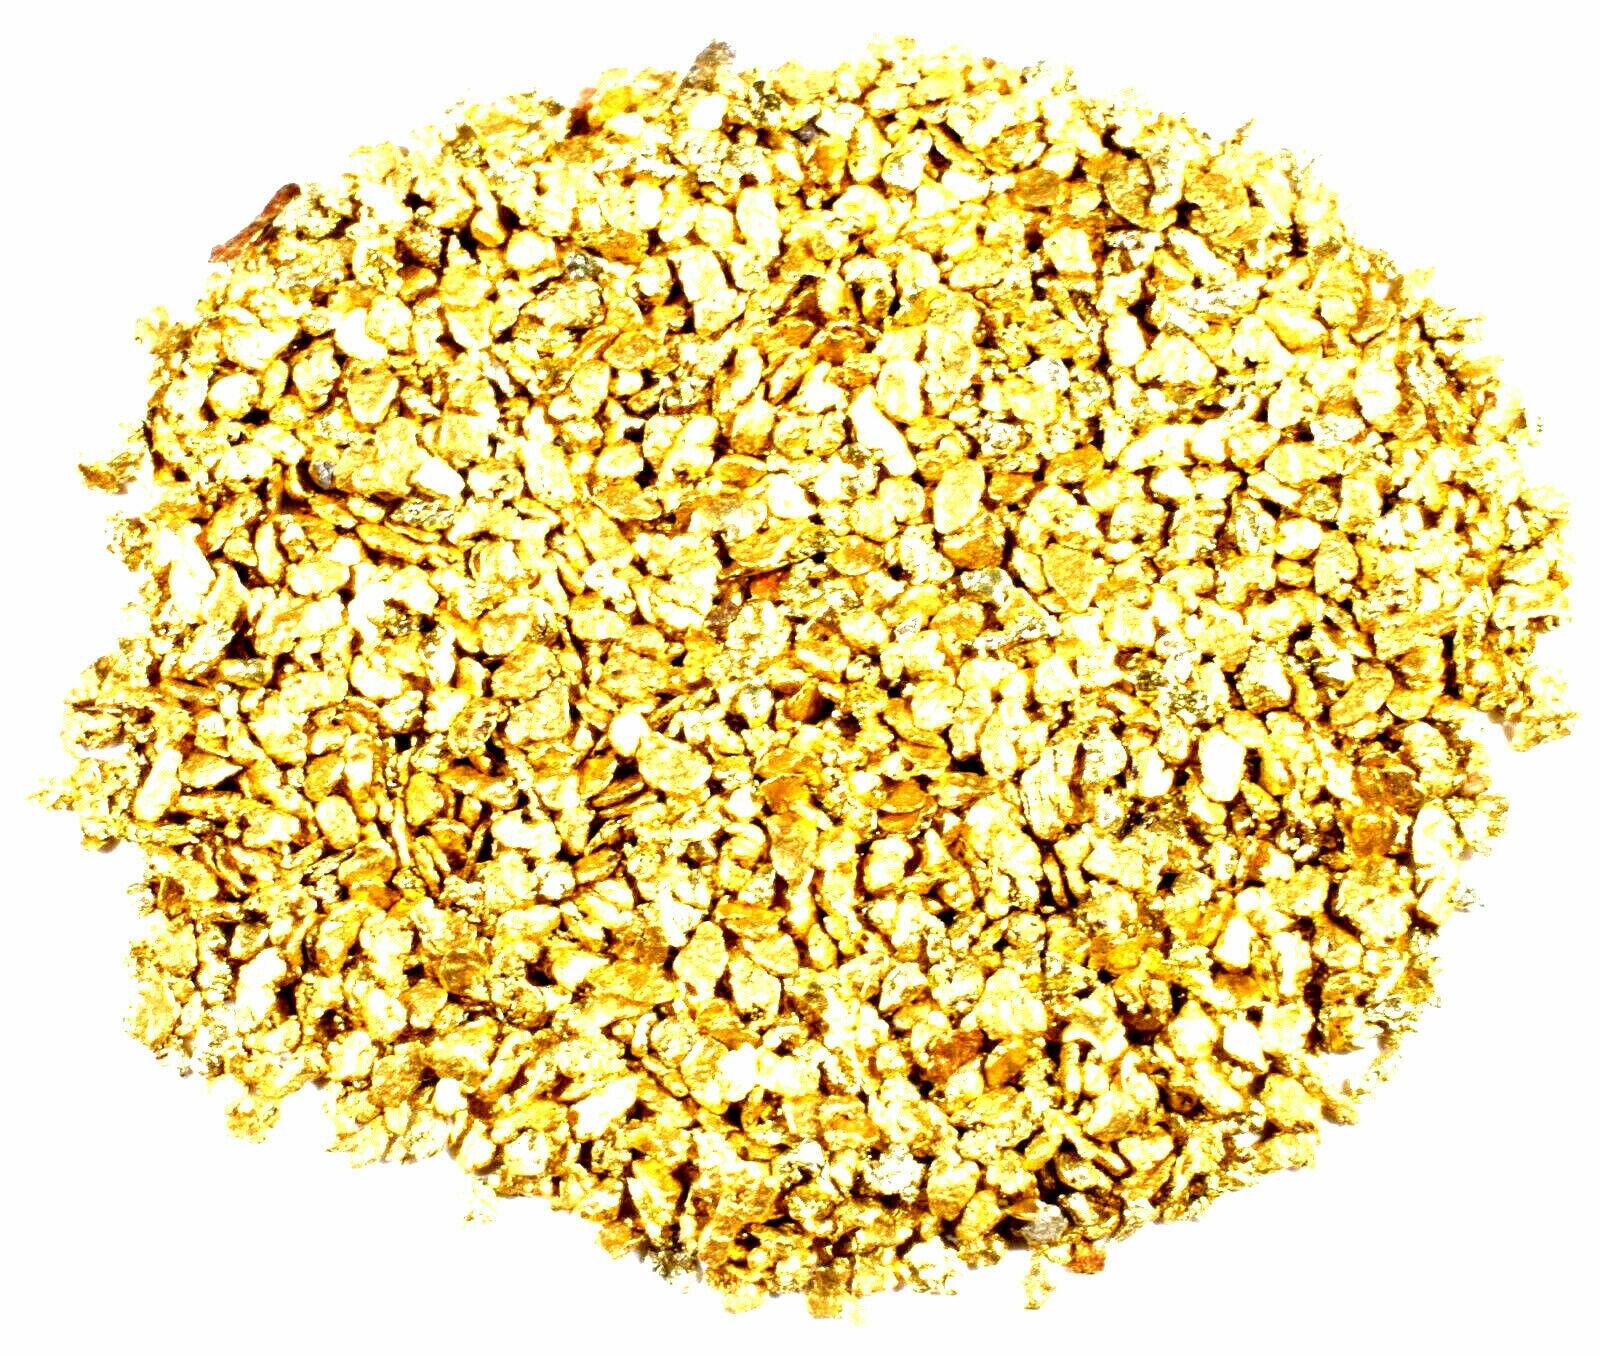 3.111 GRAMS ALASKAN YUKON BC NATURAL PURE GOLD NUGGETS #16 MESH FREE SHIPPING